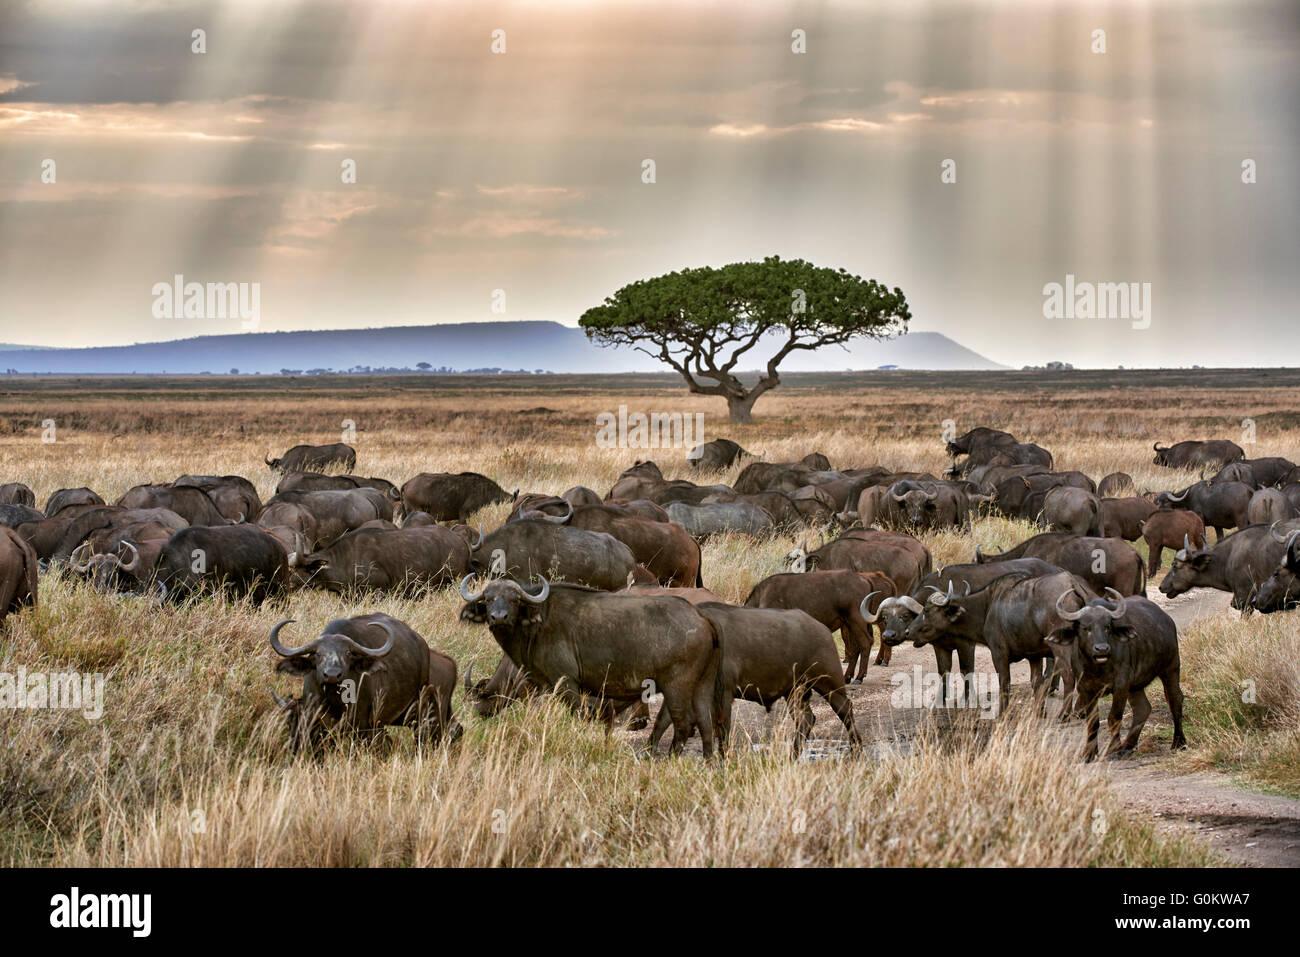 La manada de búfalos africanos (Syncerus caffer) al atardecer en el Parque nacional Serengeti, sitio del patrimonio Imagen De Stock